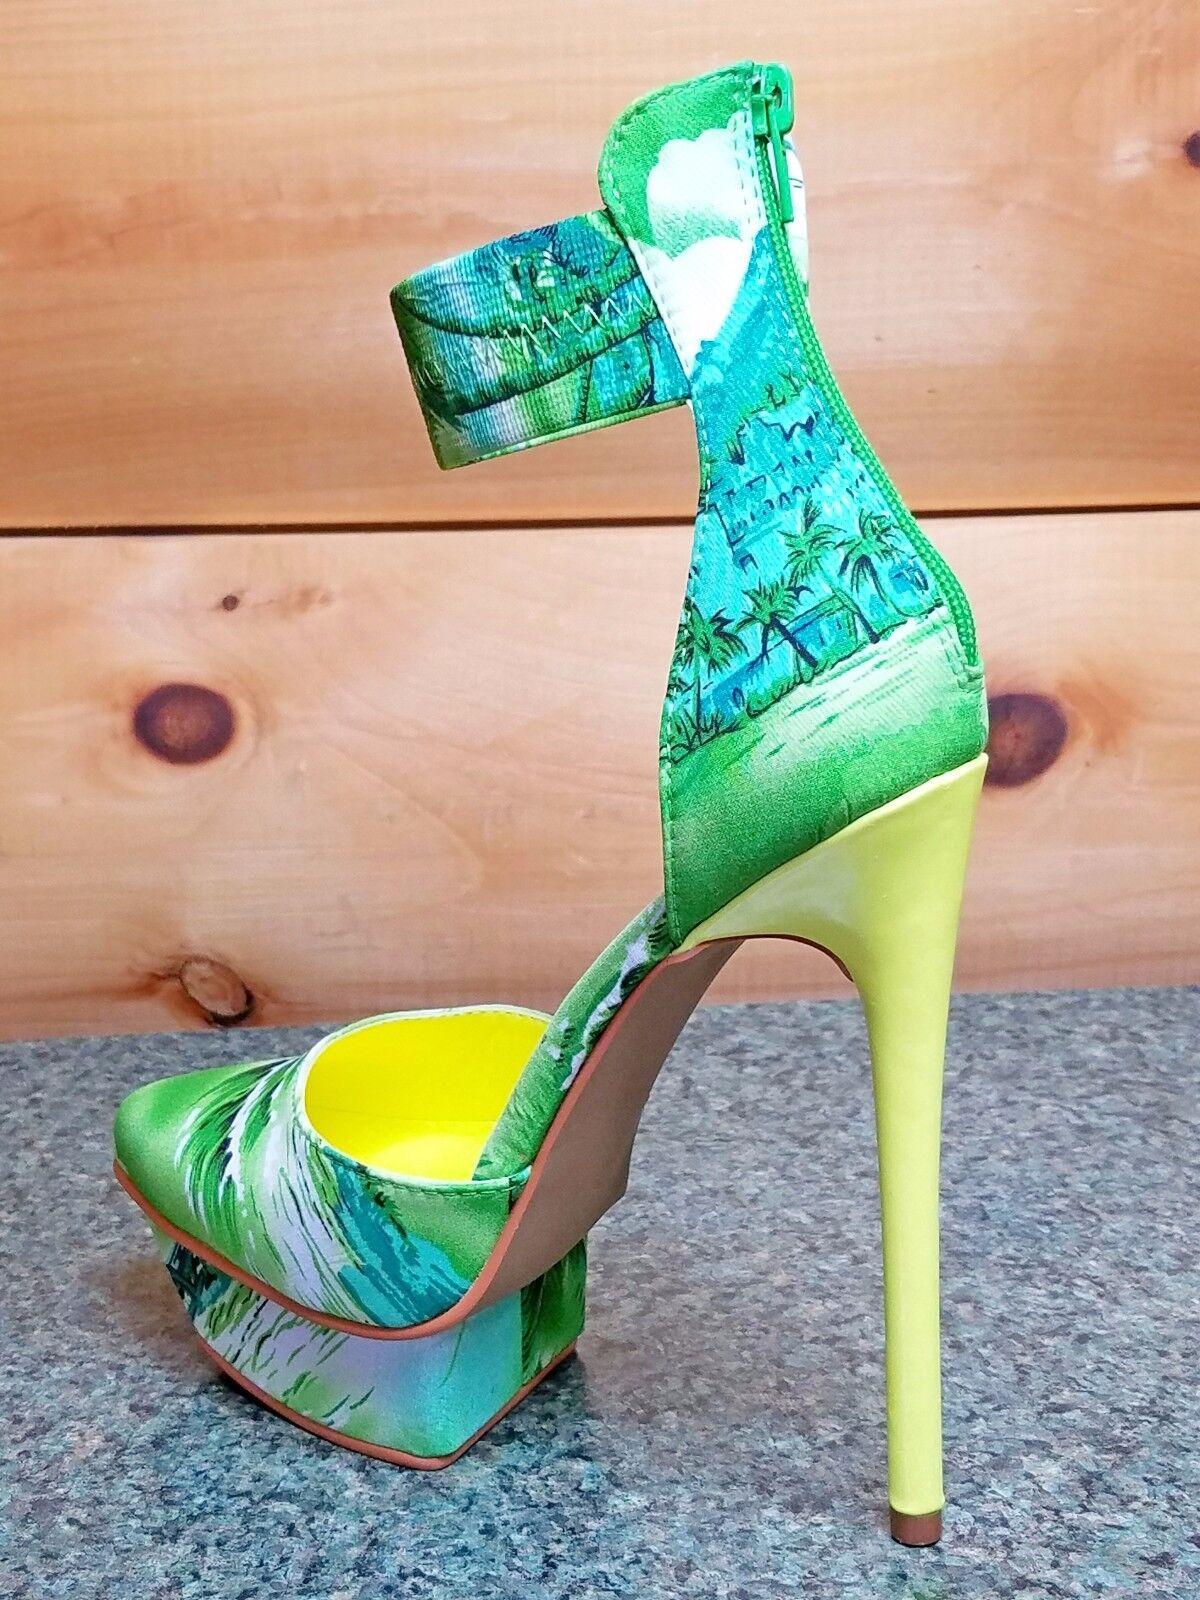 in vendita Privileged Viviette verde Neon Neon Neon giallo Multi Tropical Ankle Cuff Platform Shoe  promozioni eccitanti